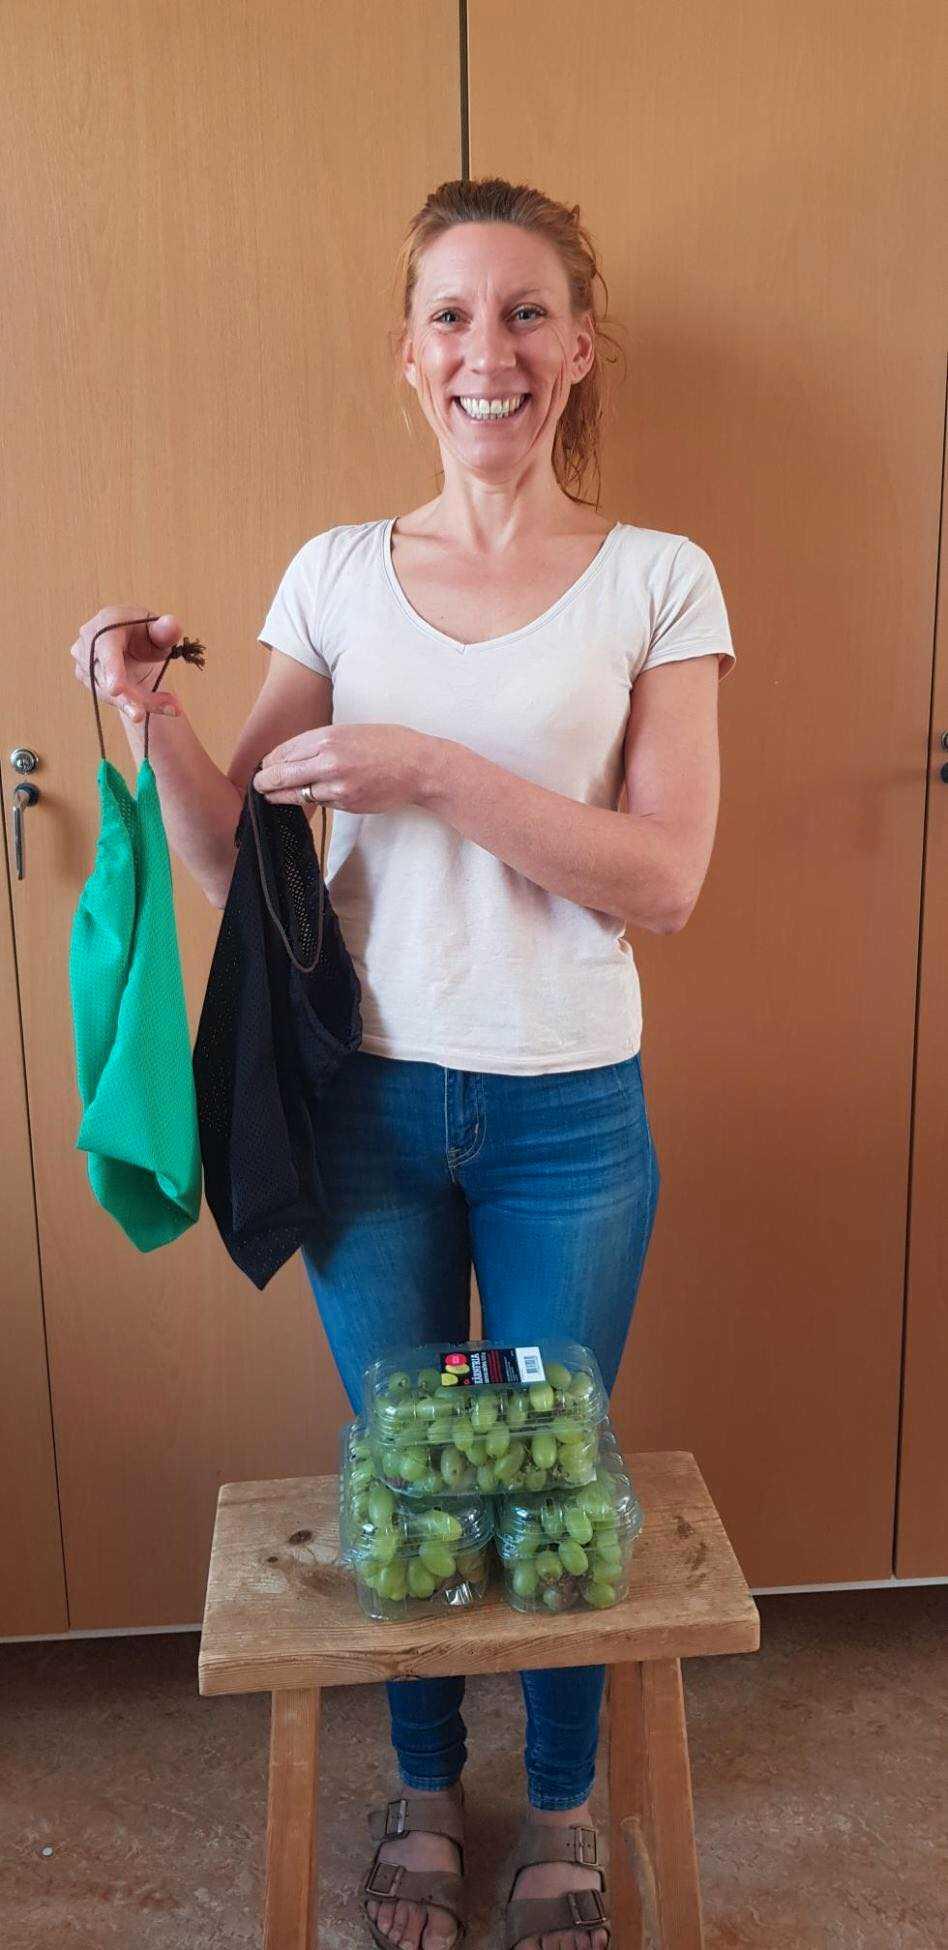 Sofia Elmgren startade ett samarbete med en Ica-butik och får nu överbliven frukt varje dag.